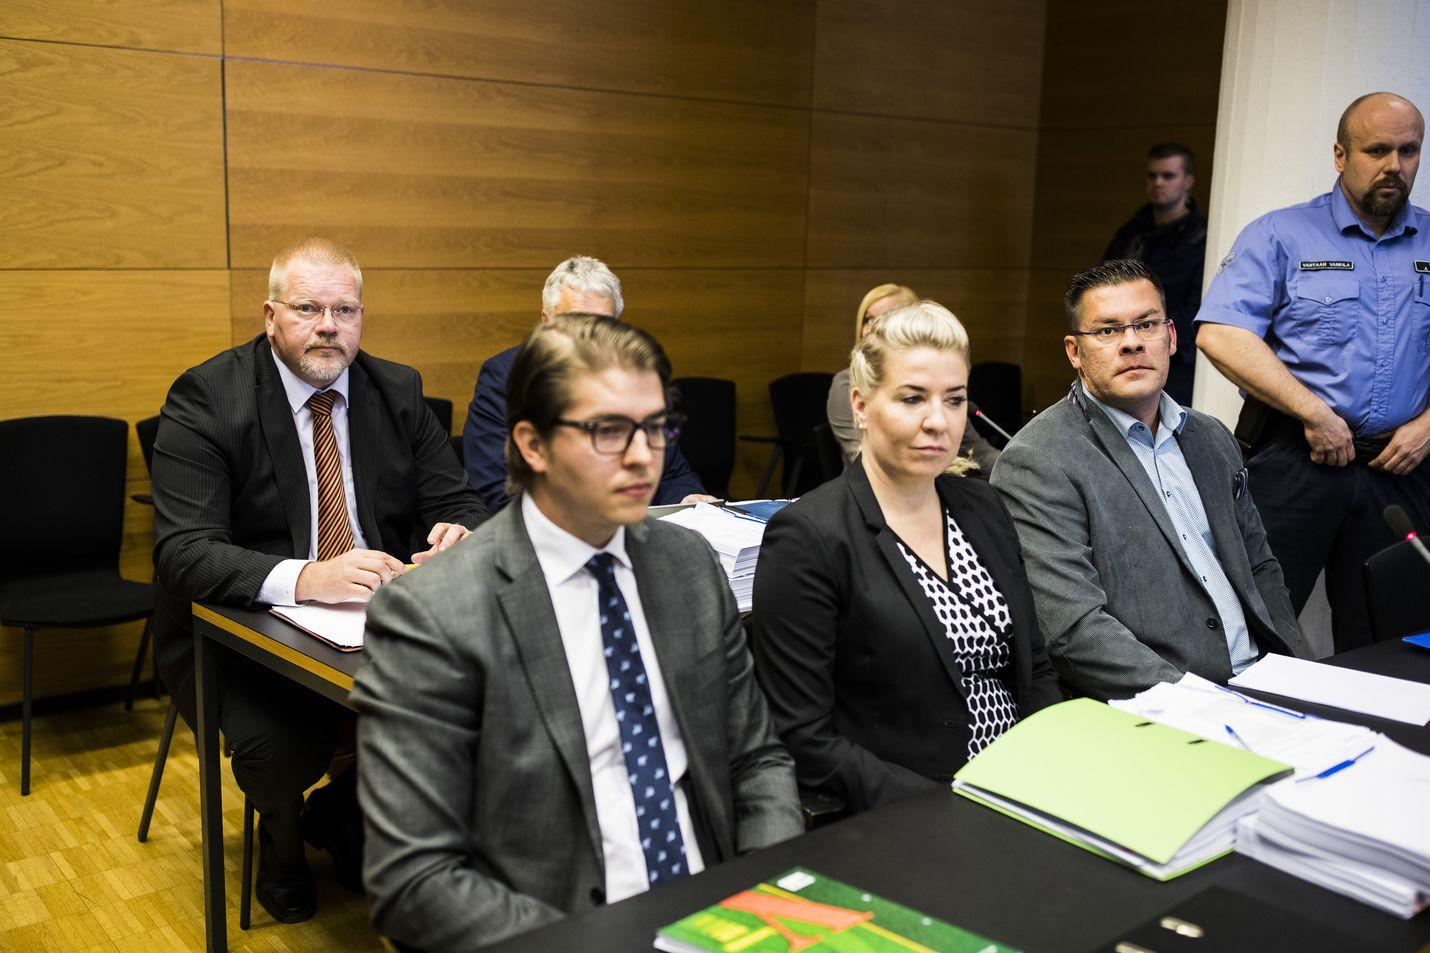 """Venäjä-yhteyksistään tunnettu """"Kohudosentti"""" Johan Bäckman (vasemmalla takana) vastasi syytteisiin käräjäoikeuden istunnossa kaksi vuotta sitten. MV-julkaisun perustaja Ilja Janitskinin (edessä oikealla) osalta käräjäoikeuden tuomio pysyi ennallaan, koska hänen valituksena hovioikeuteen raukesi, kun hän kuoli tämän vuoden helmikuussa syöpään."""